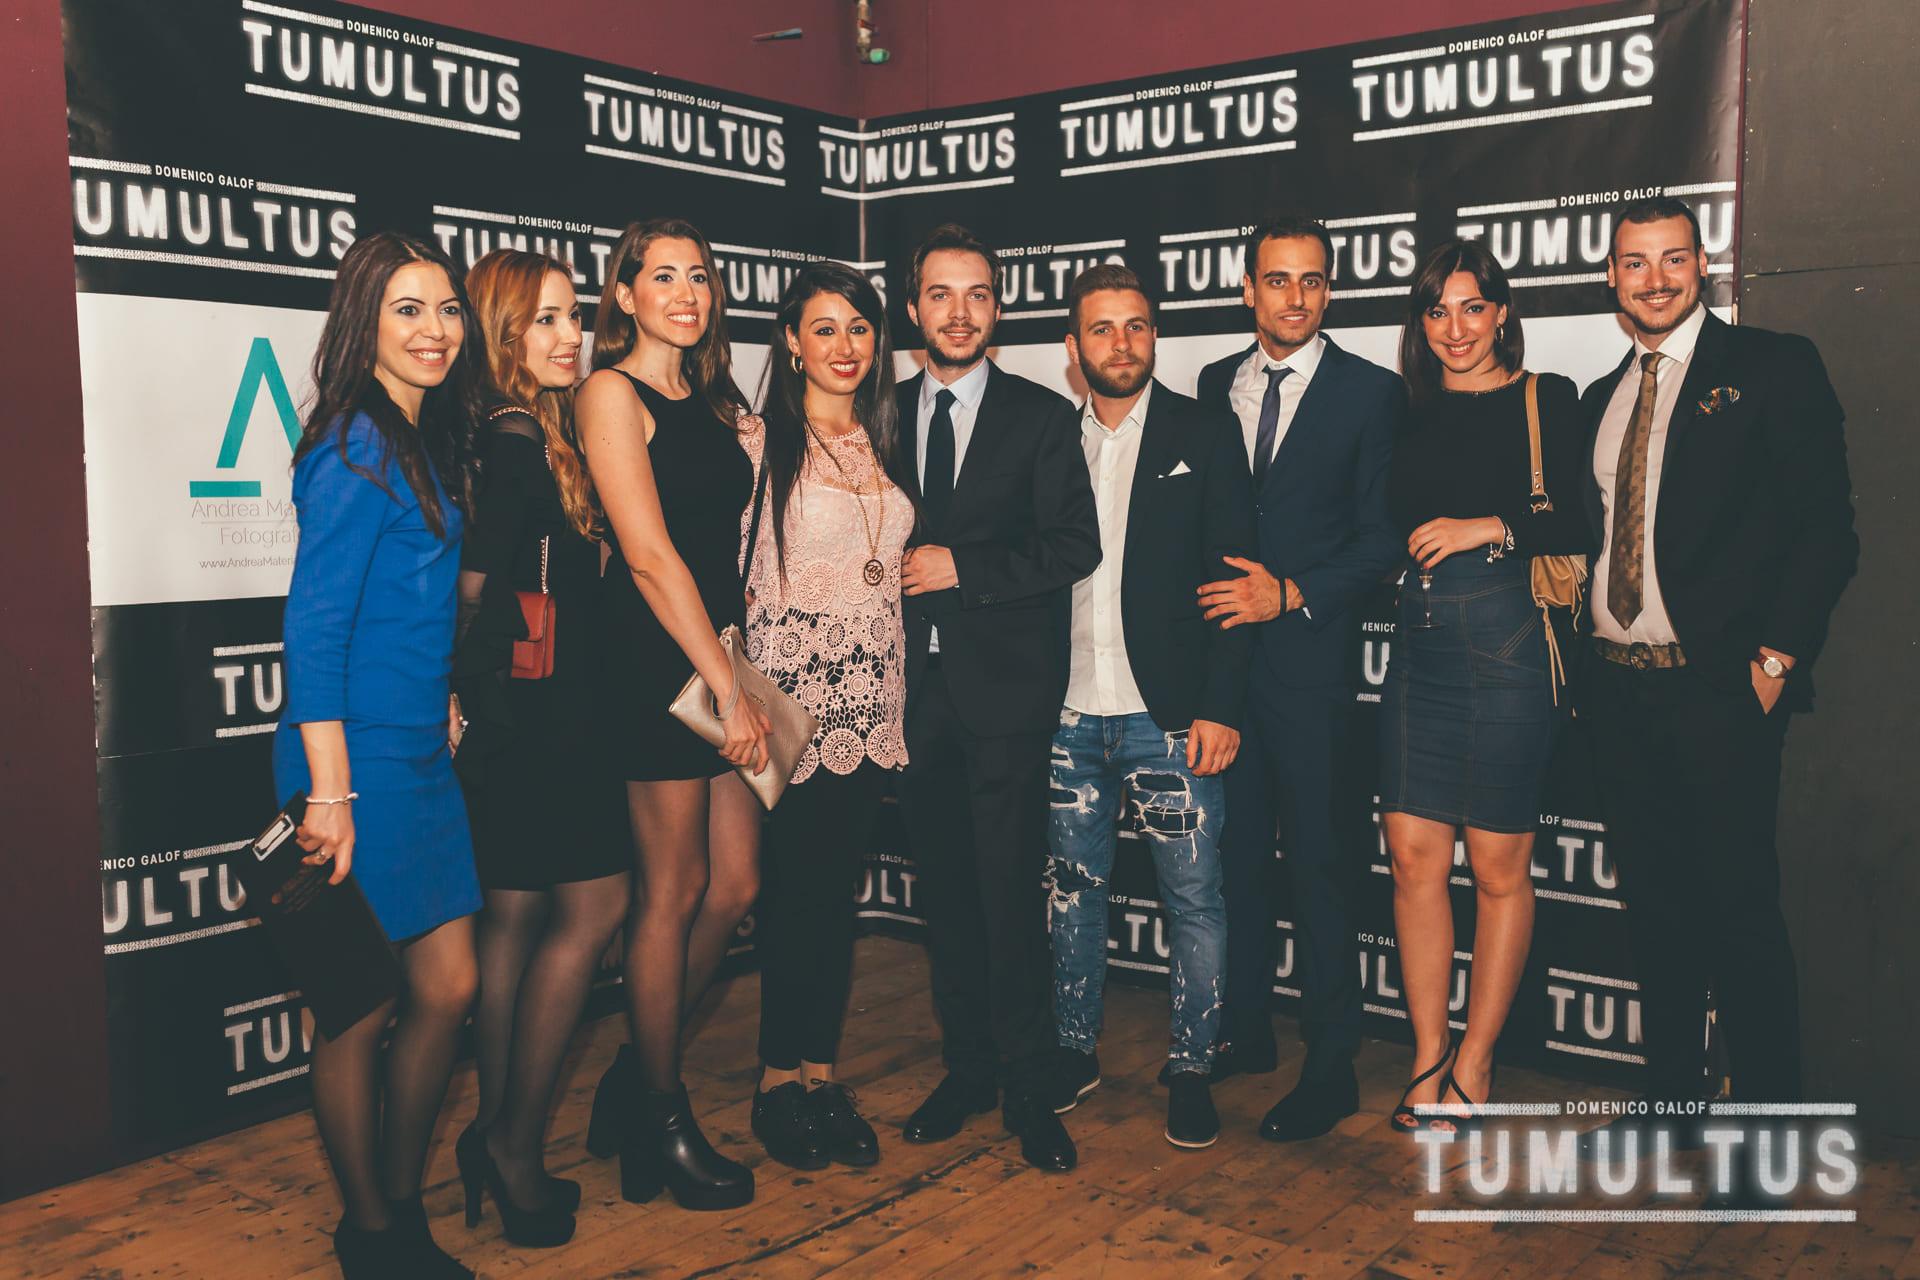 L'Origine di Tumultus (121)